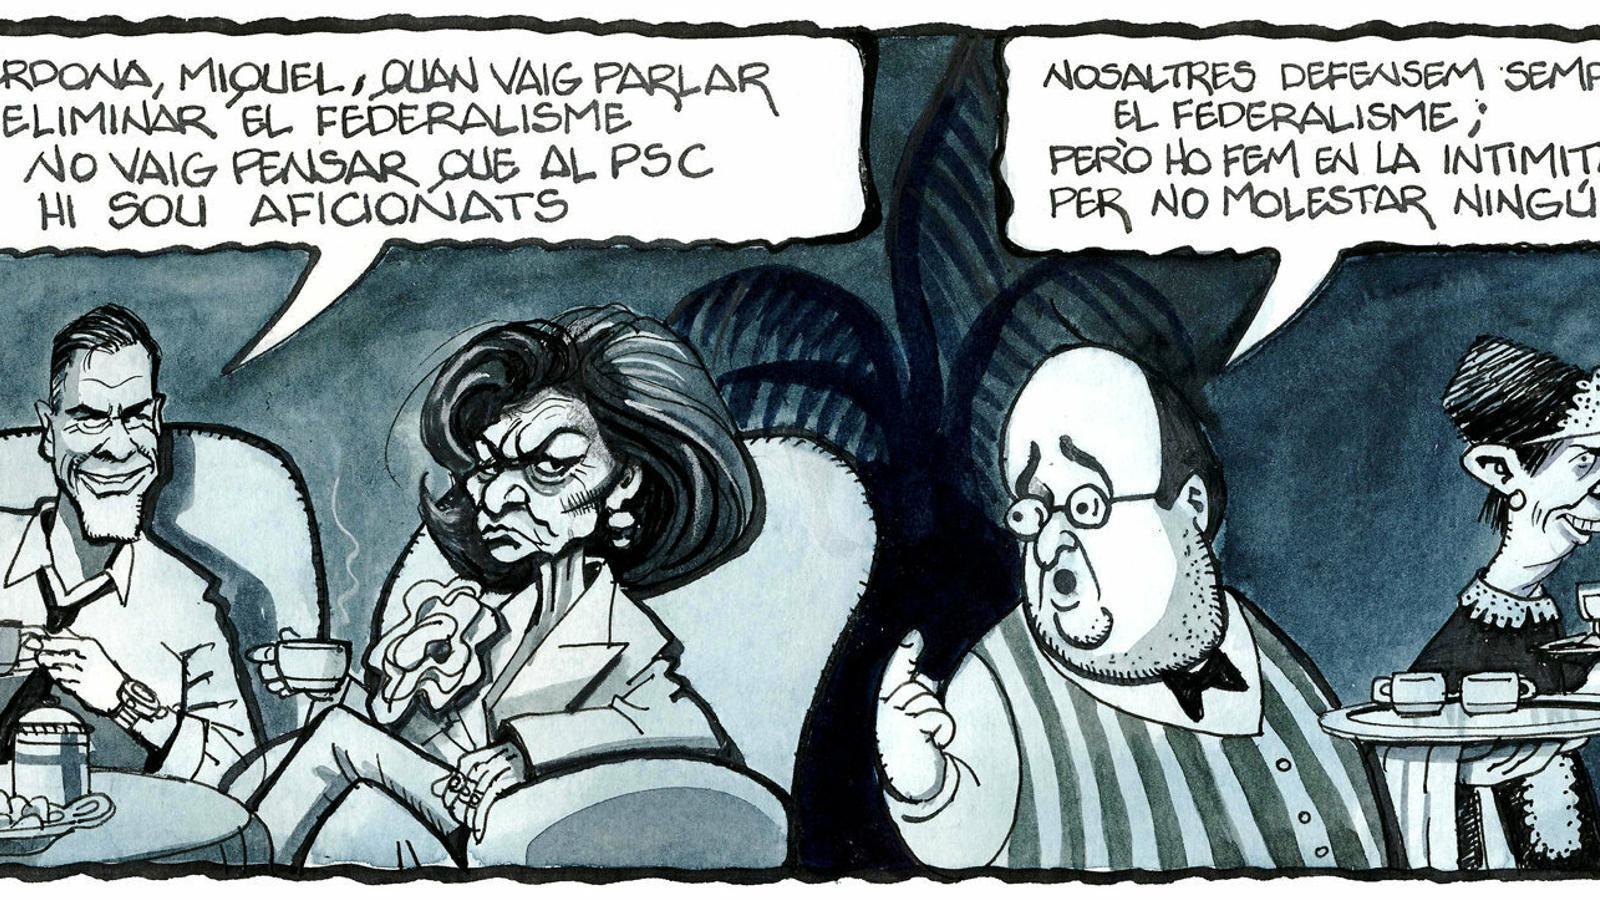 'A la contra', per Ferreres 06/11/2019